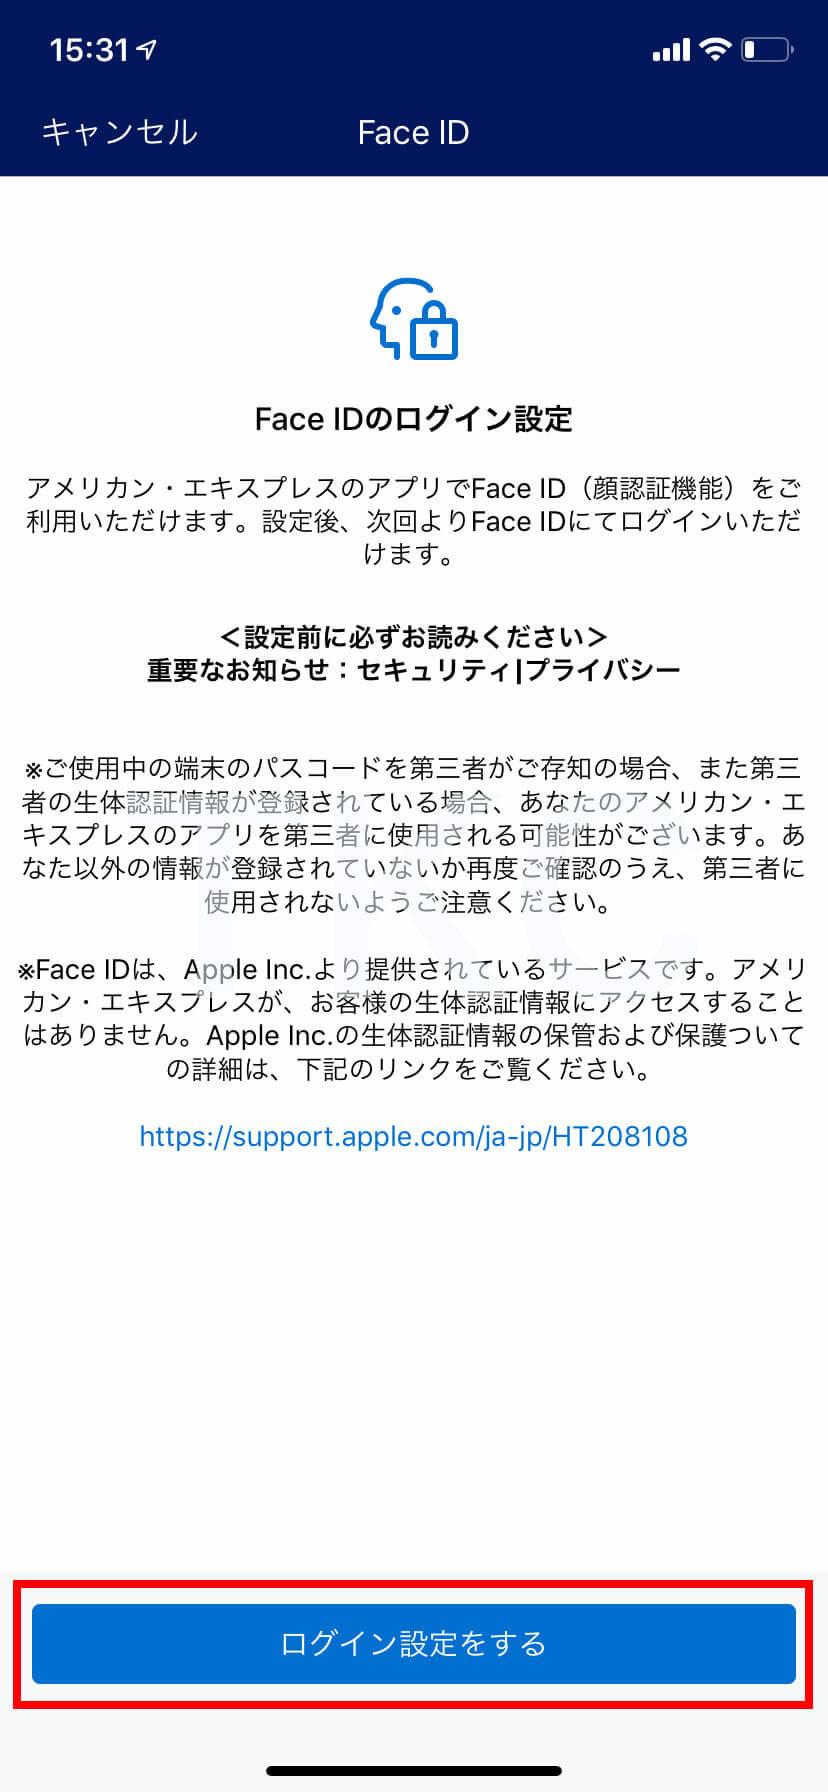 iPhoneX以上を使っている人はFace IDの設定画面が表示されます。